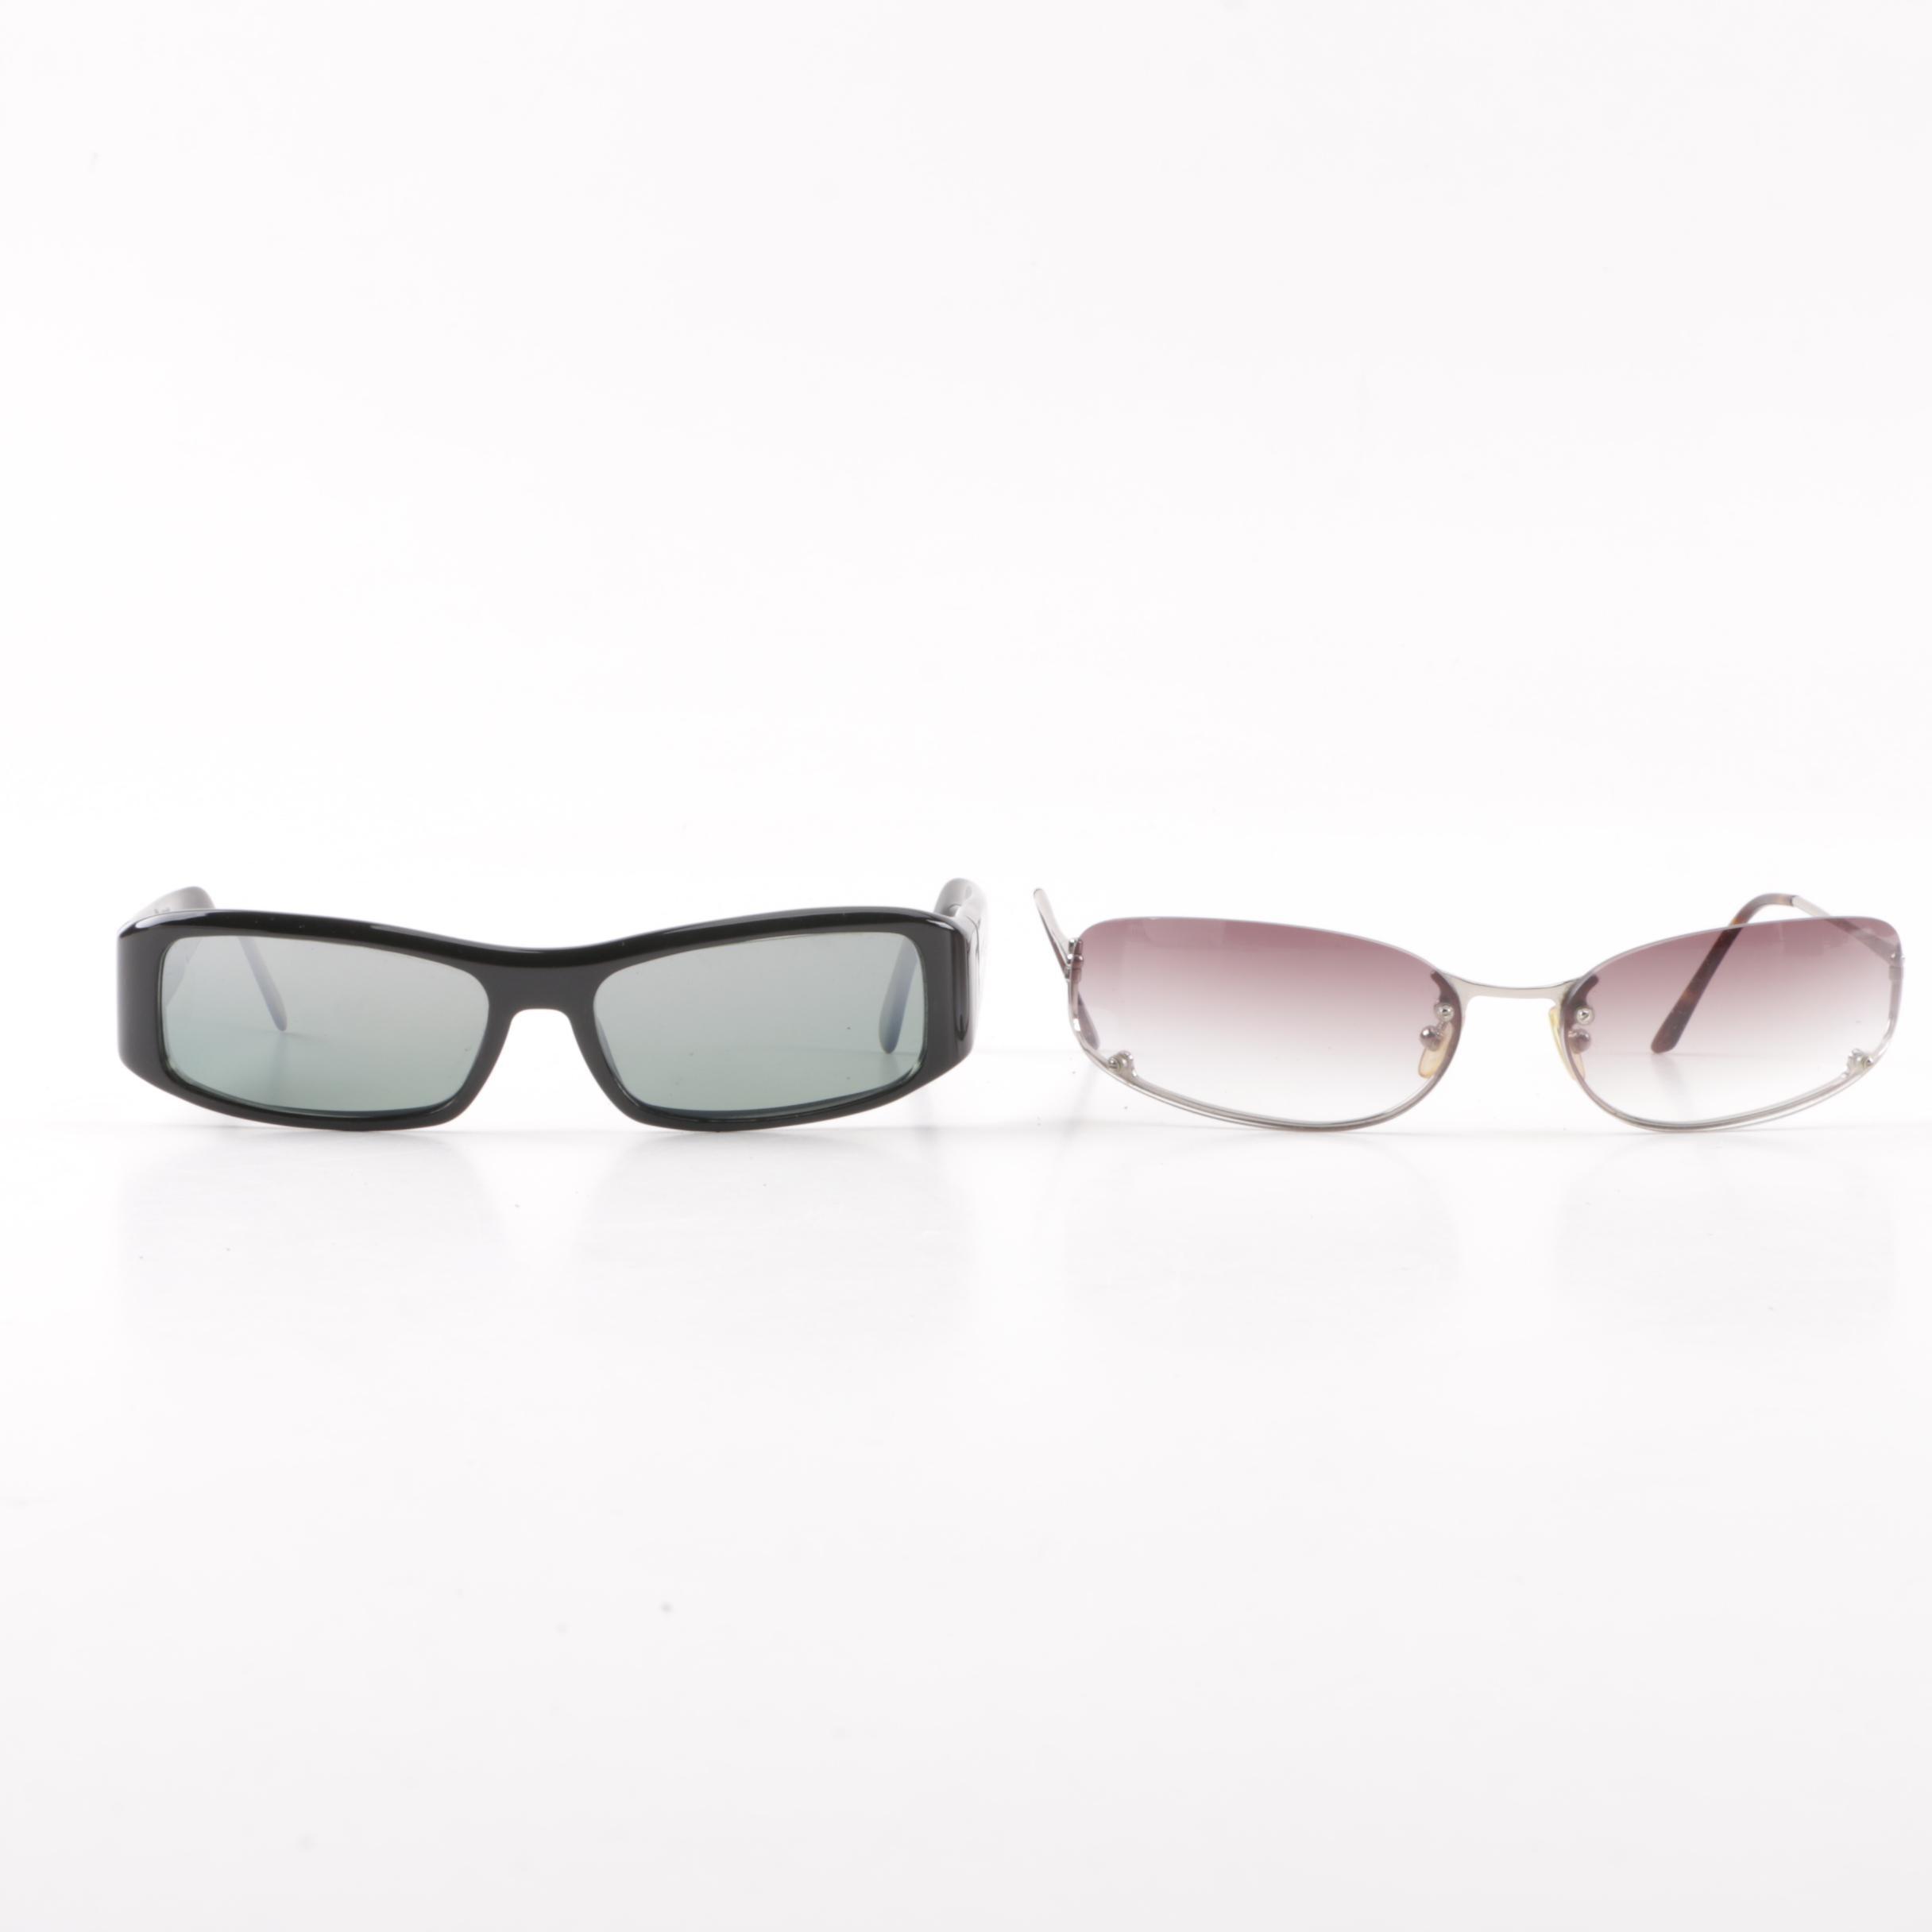 Prada SPR02E and SPR50D Sunglasses with Case